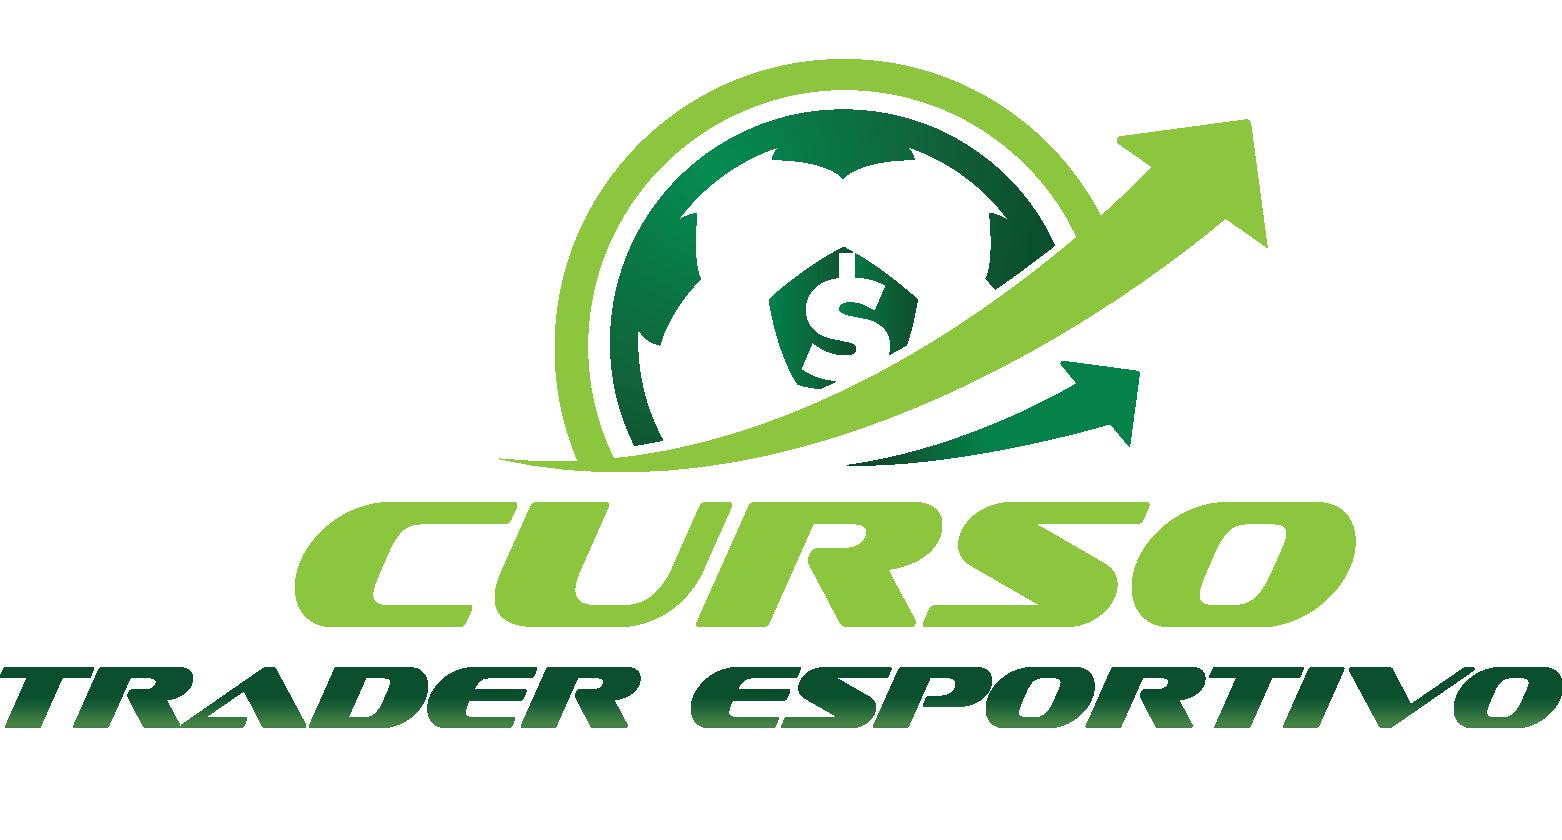 Trader Esportivo 2.0